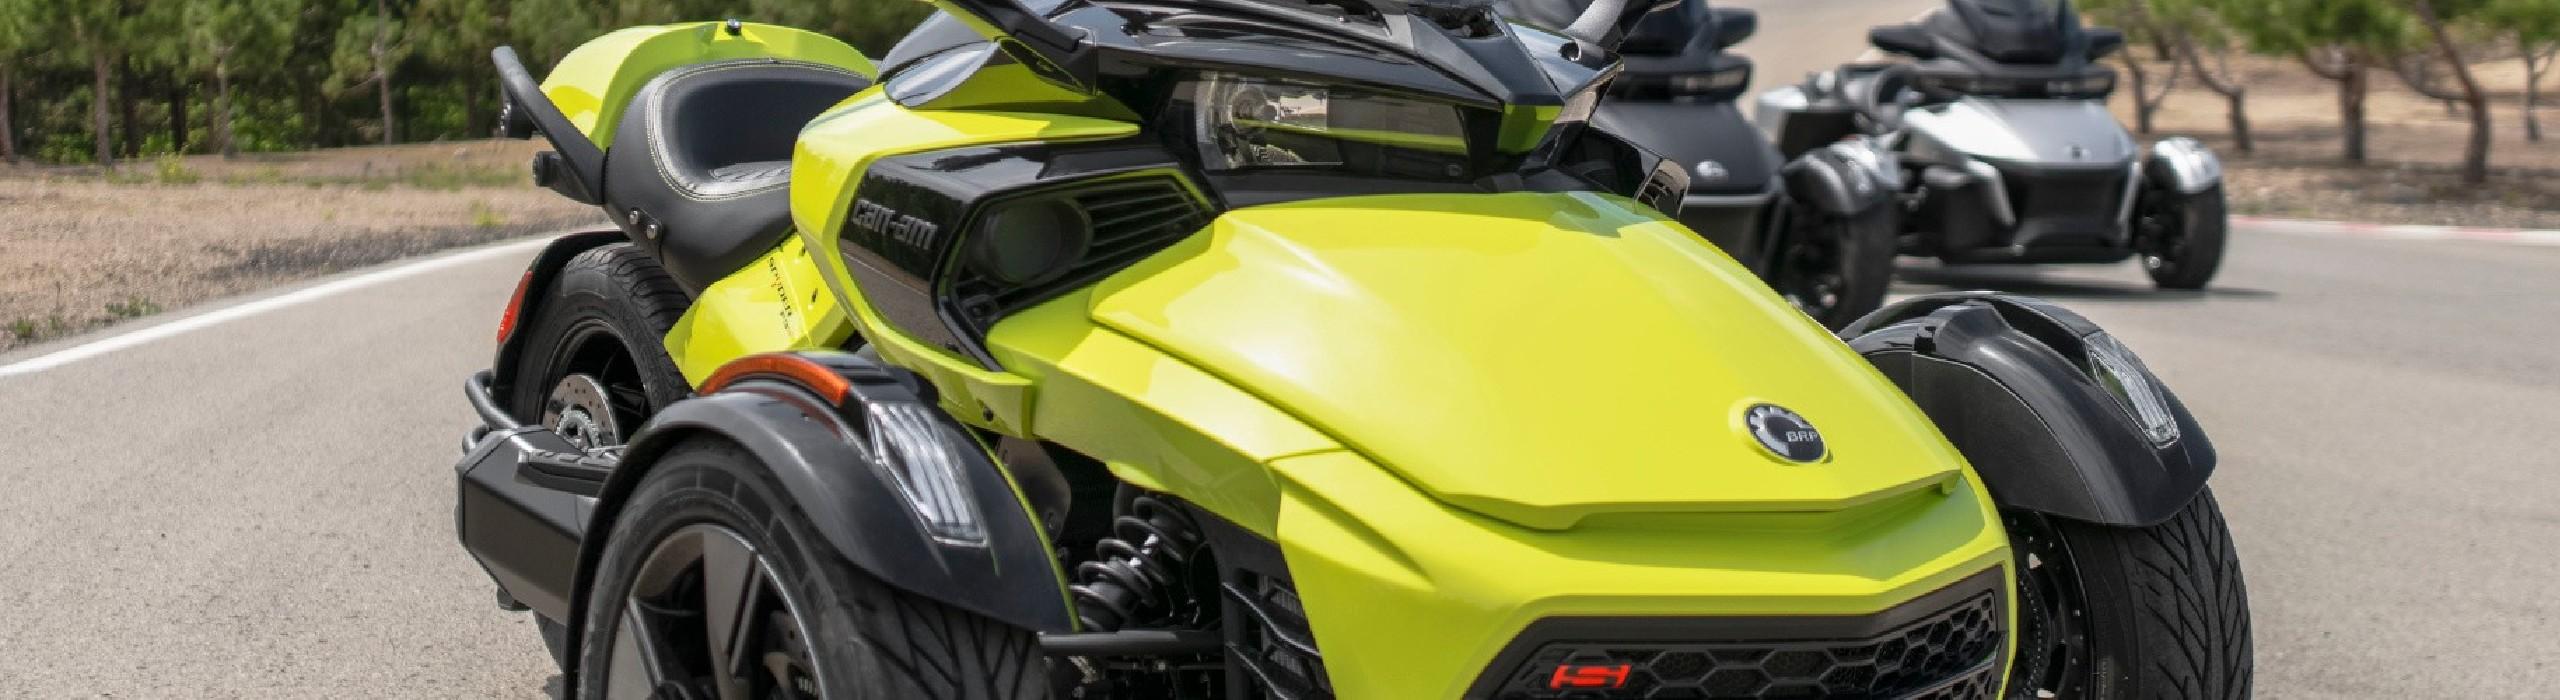 Can-Am SPYDER F3 et F3-S- Moto 3 roues 2020 - Sas Chossade Busato Motoneiges et Quads (73 et 74)